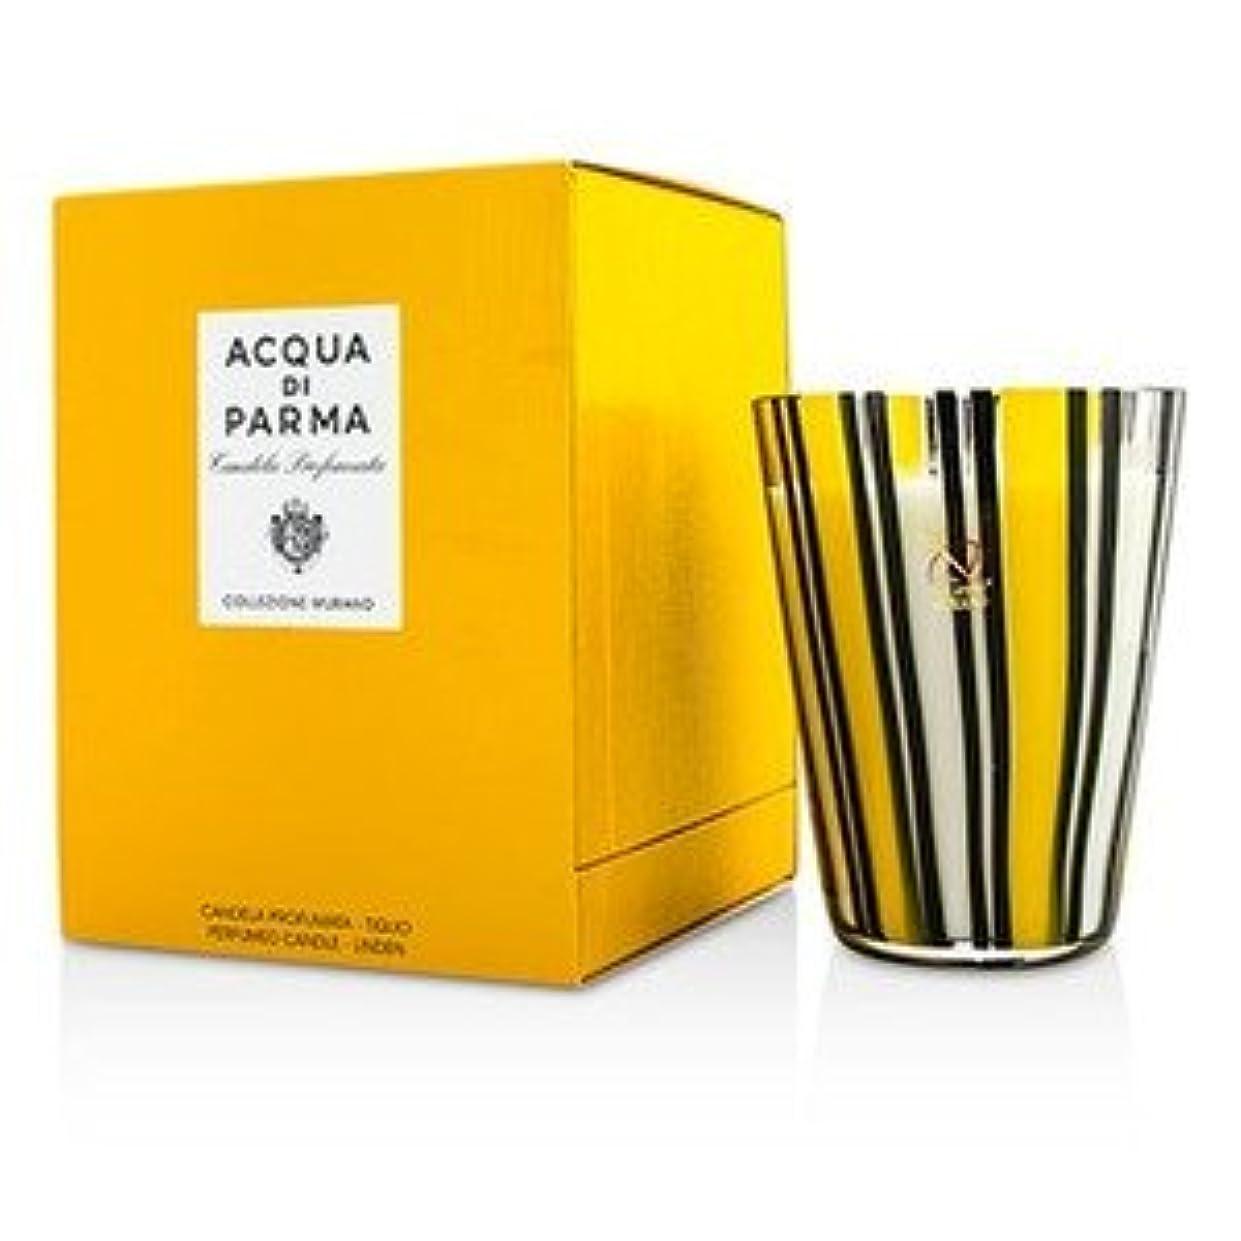 更新する東ティモールりアクア ディ パルマ[Acqua Di Parma] ムラノ グラス パフューム キャンドル - Tiglio(Linen) 200g/7.05oz [並行輸入品]